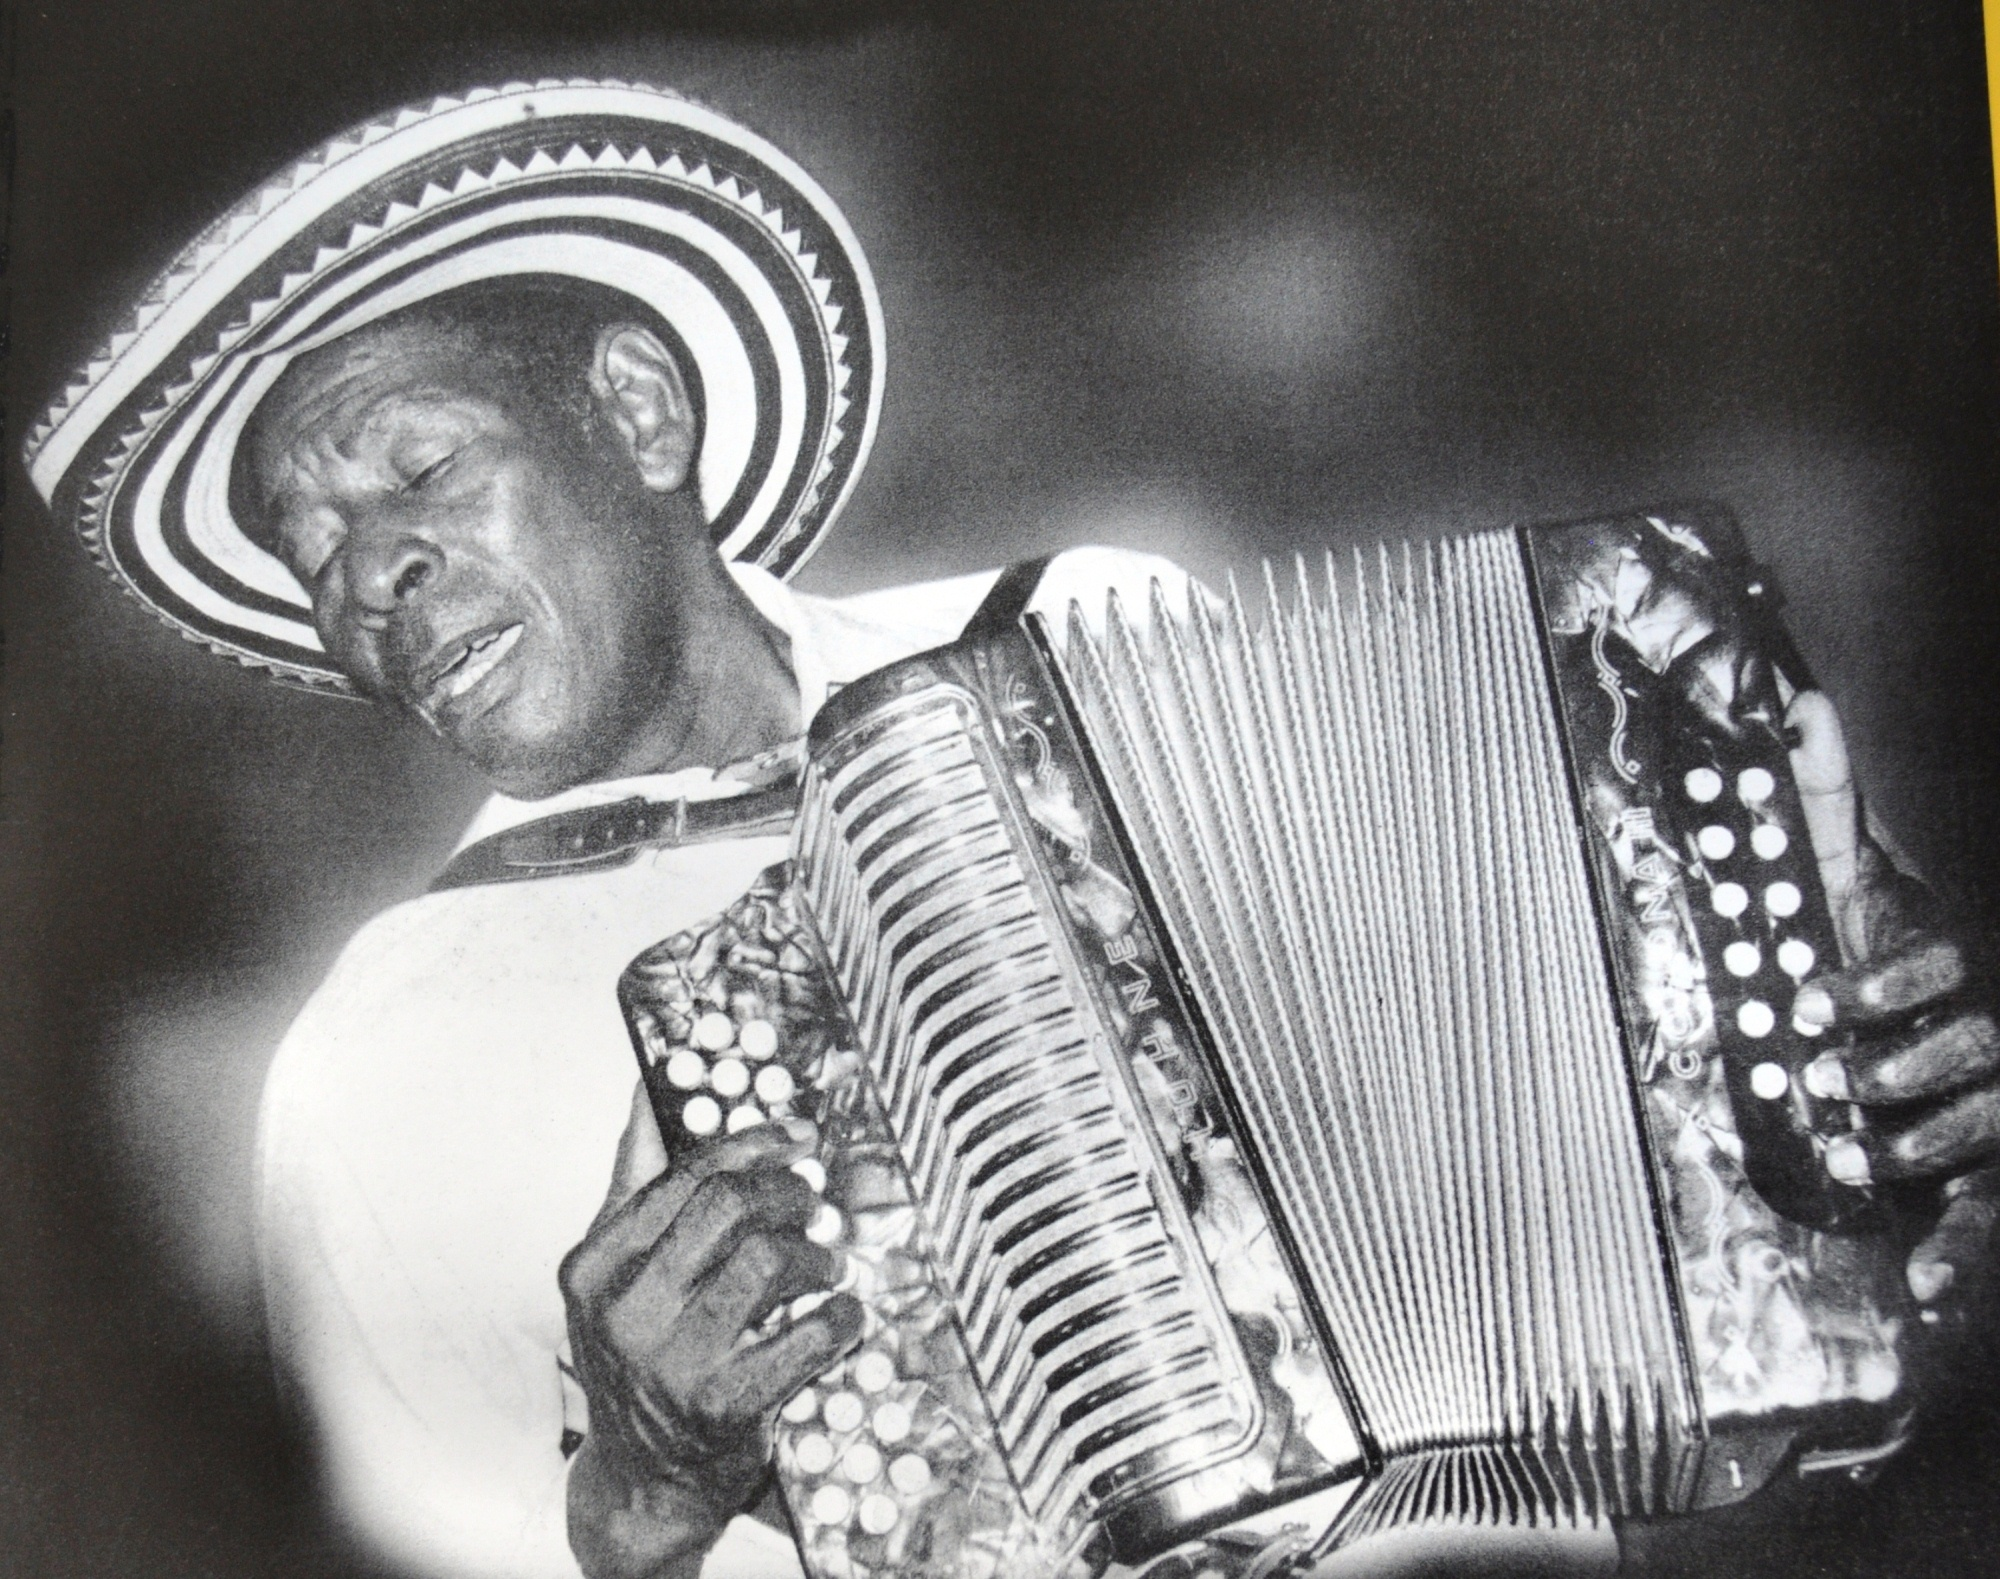 Desde El Paso, el juglar Alejo Durán  marcó su propio estilo haciéndolo grande en el folclor vallenato.